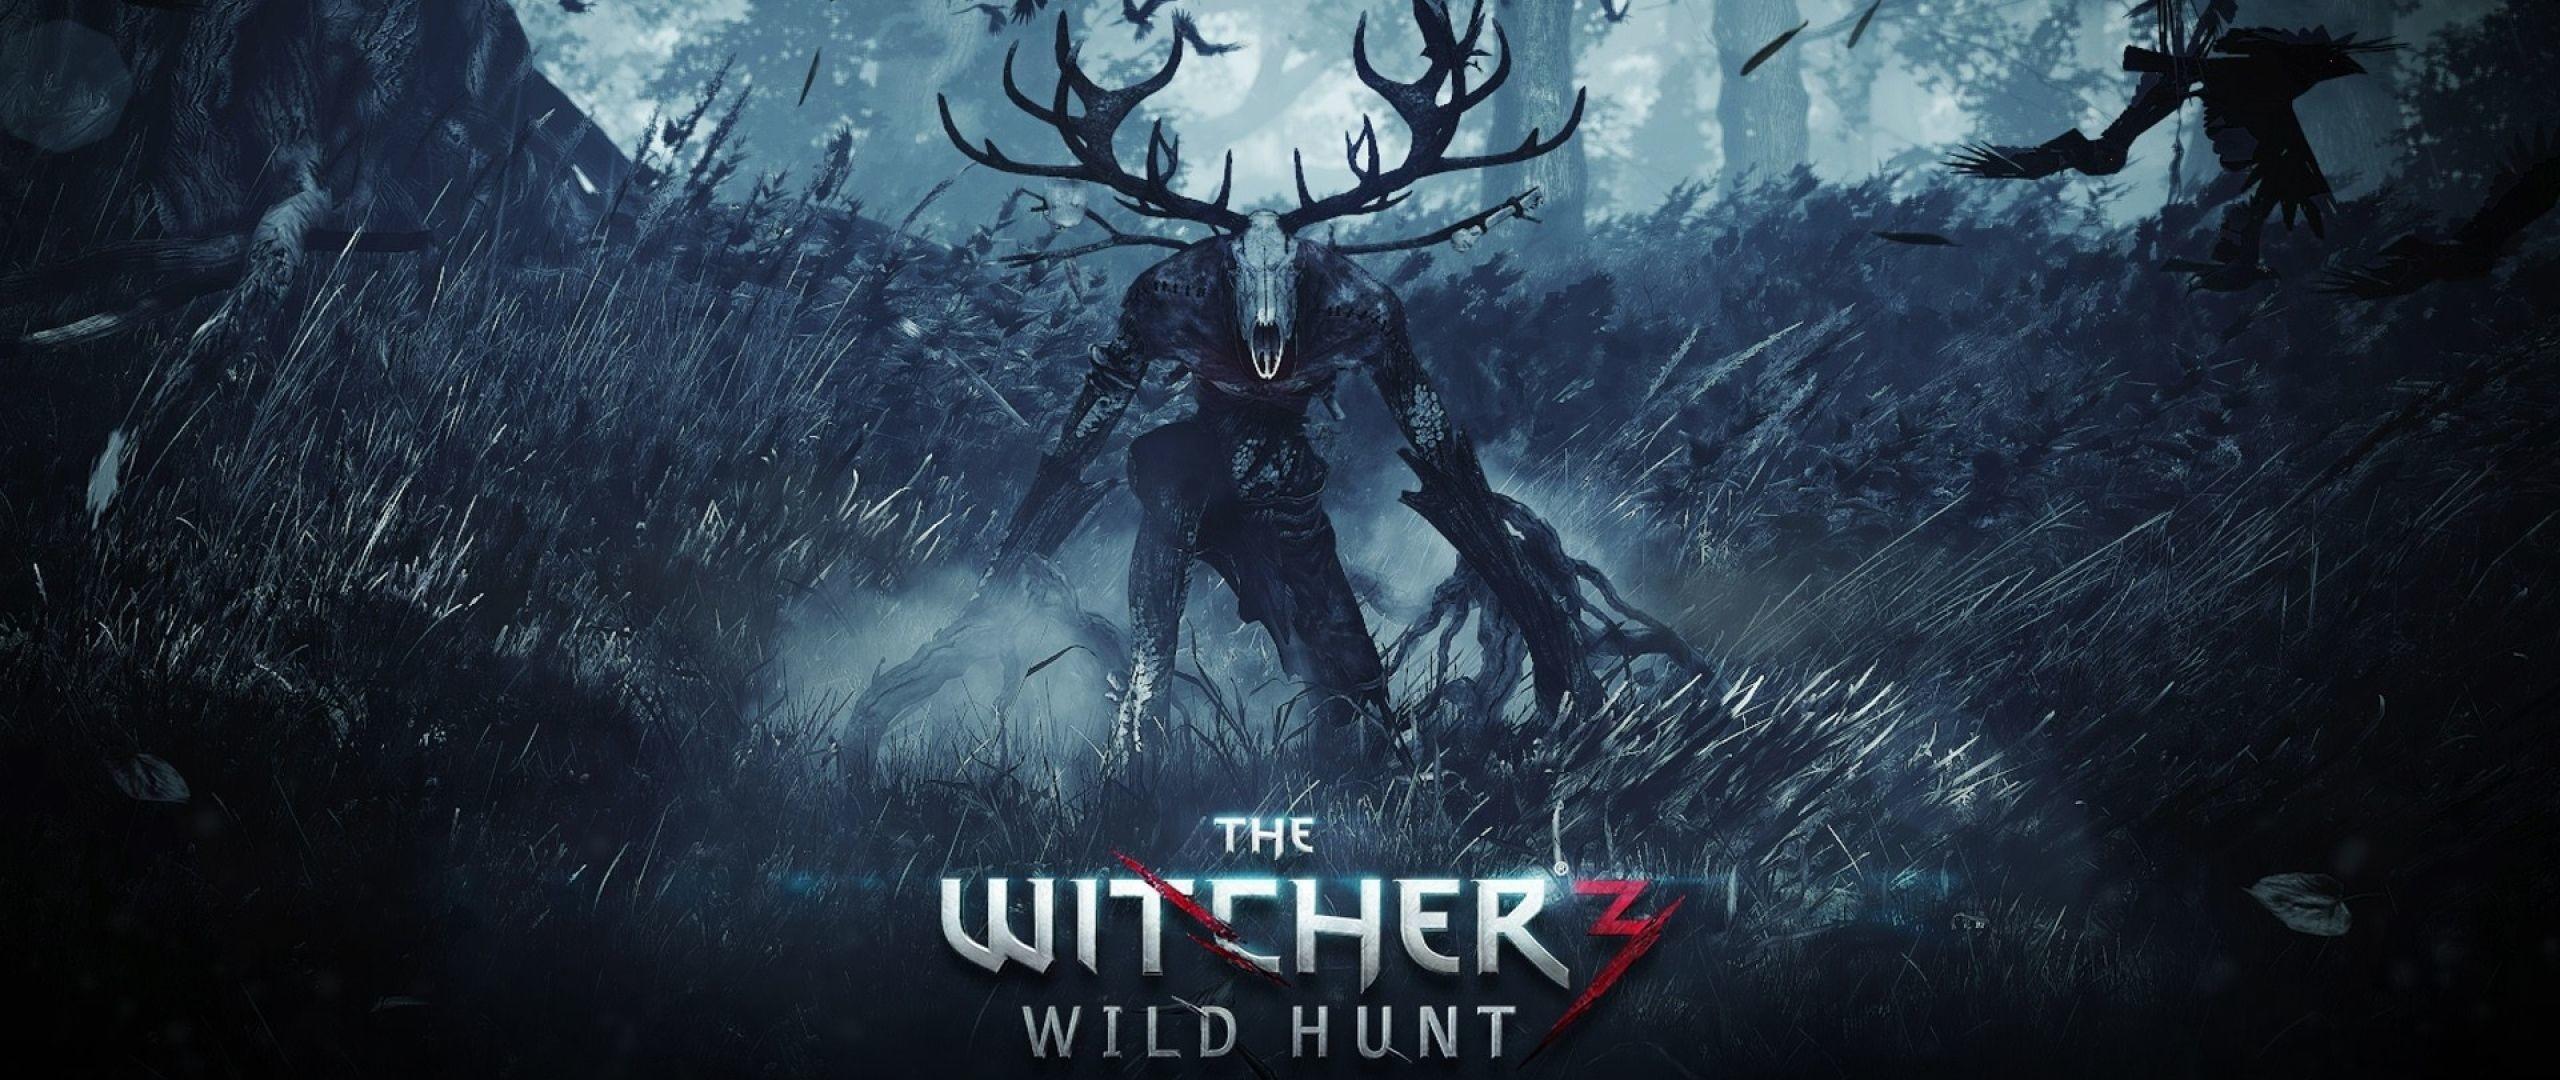 Res: 2560x1080,  21:9 TV The witcher 3 wild hunt Wallpapers HD, Desktop .